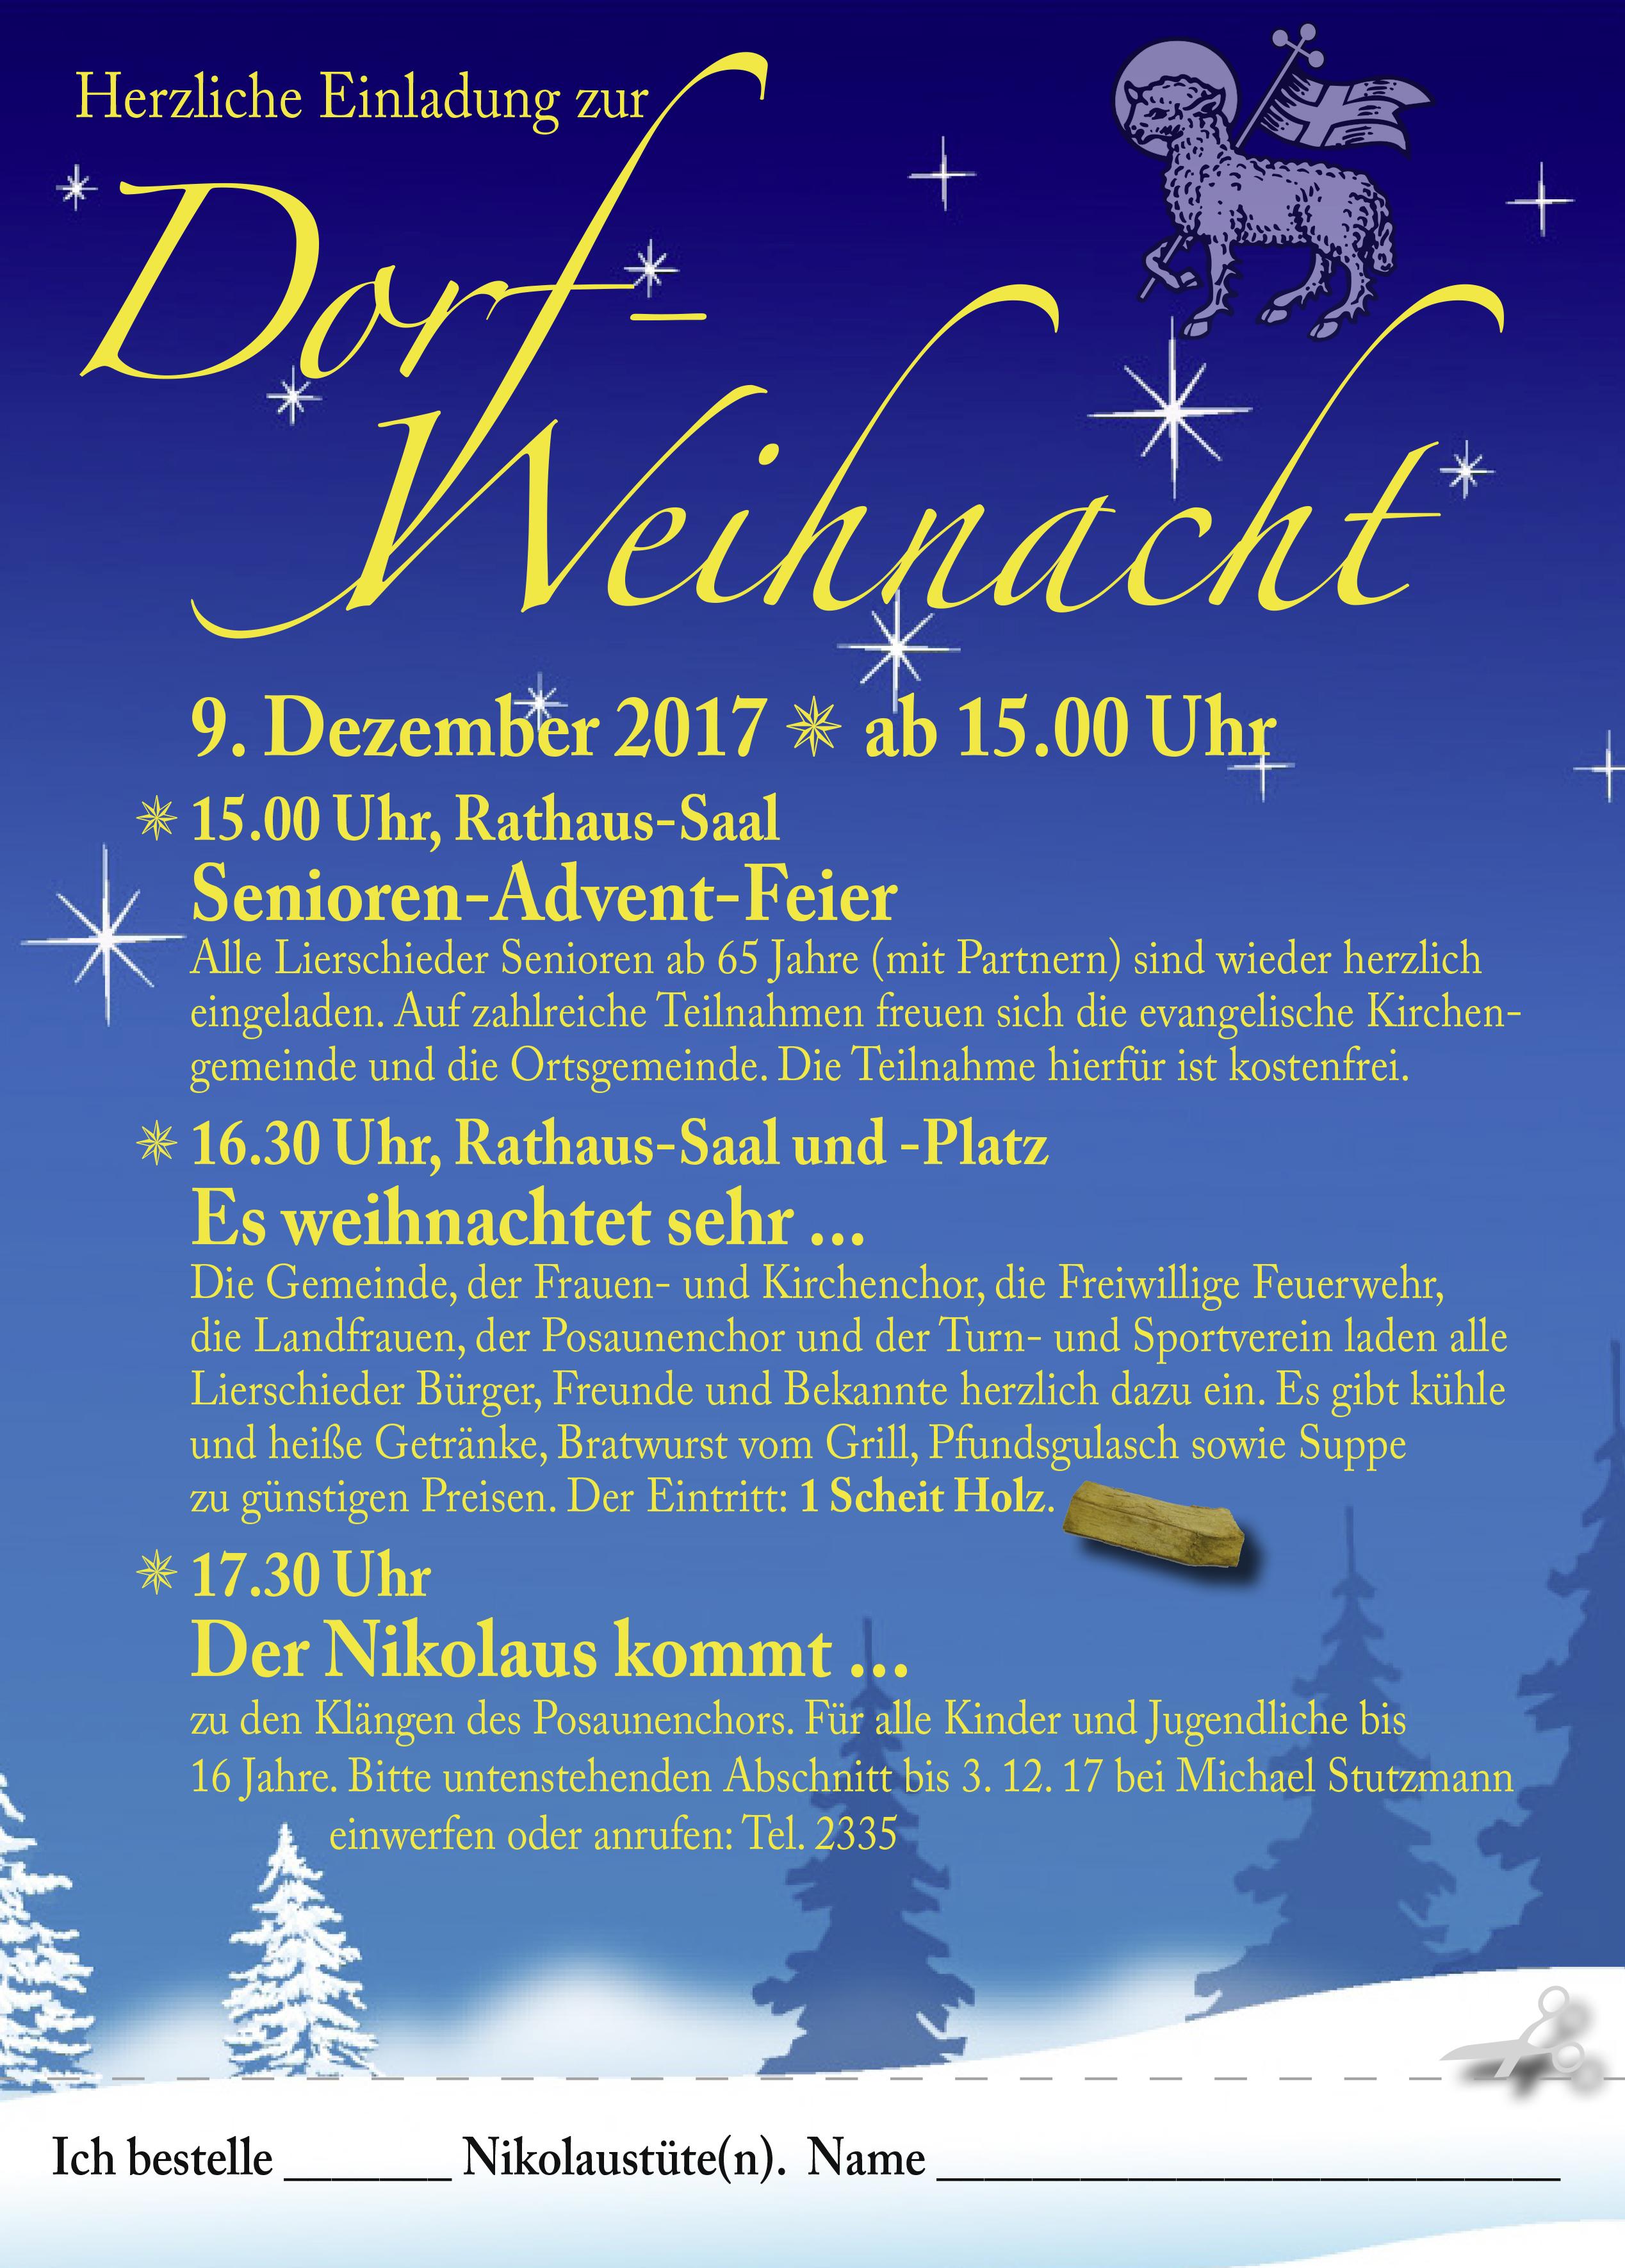 Dorf-Weihnacht 2017.indd